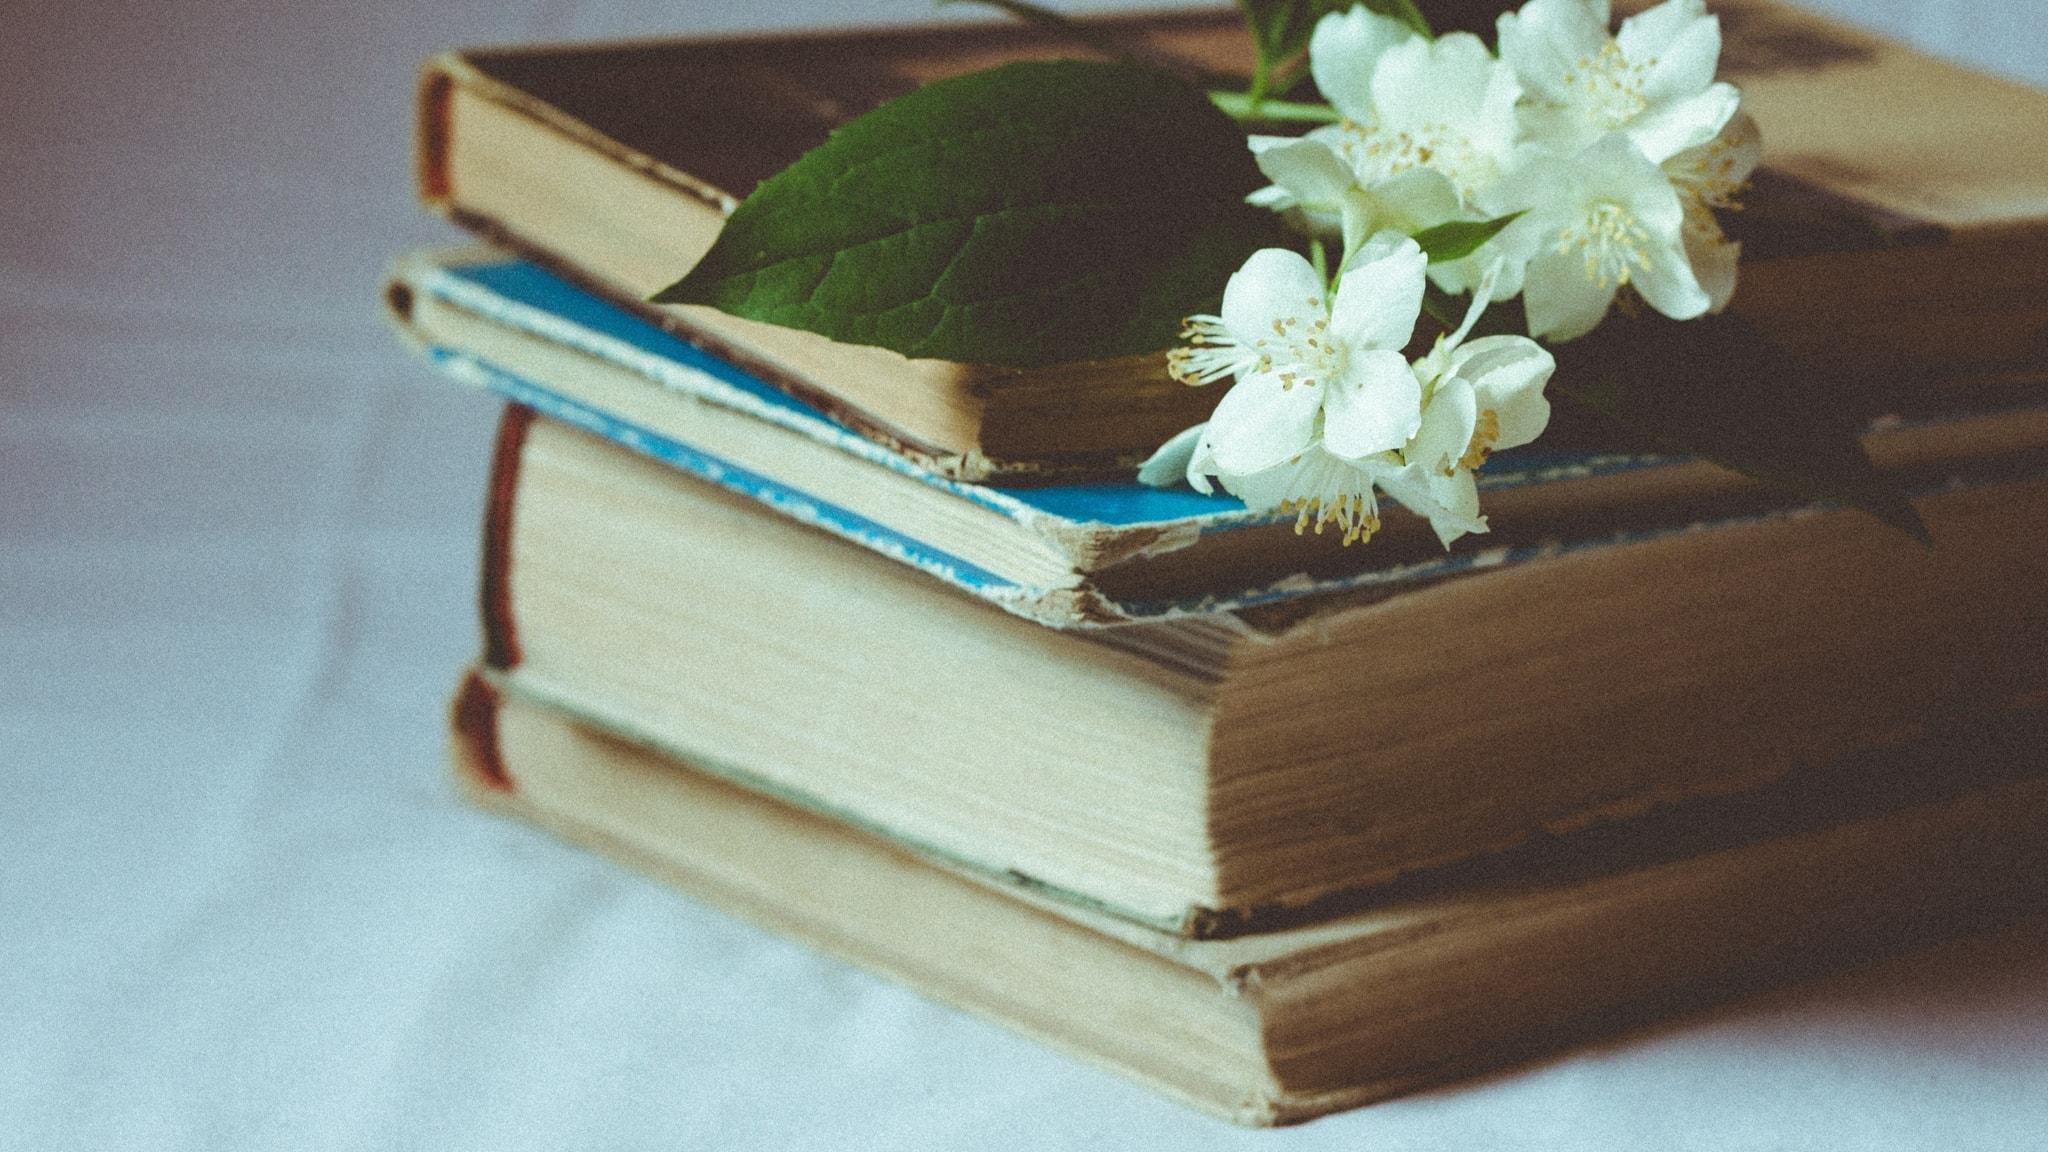 Vilken bok har gjort avtryck i ditt liv?